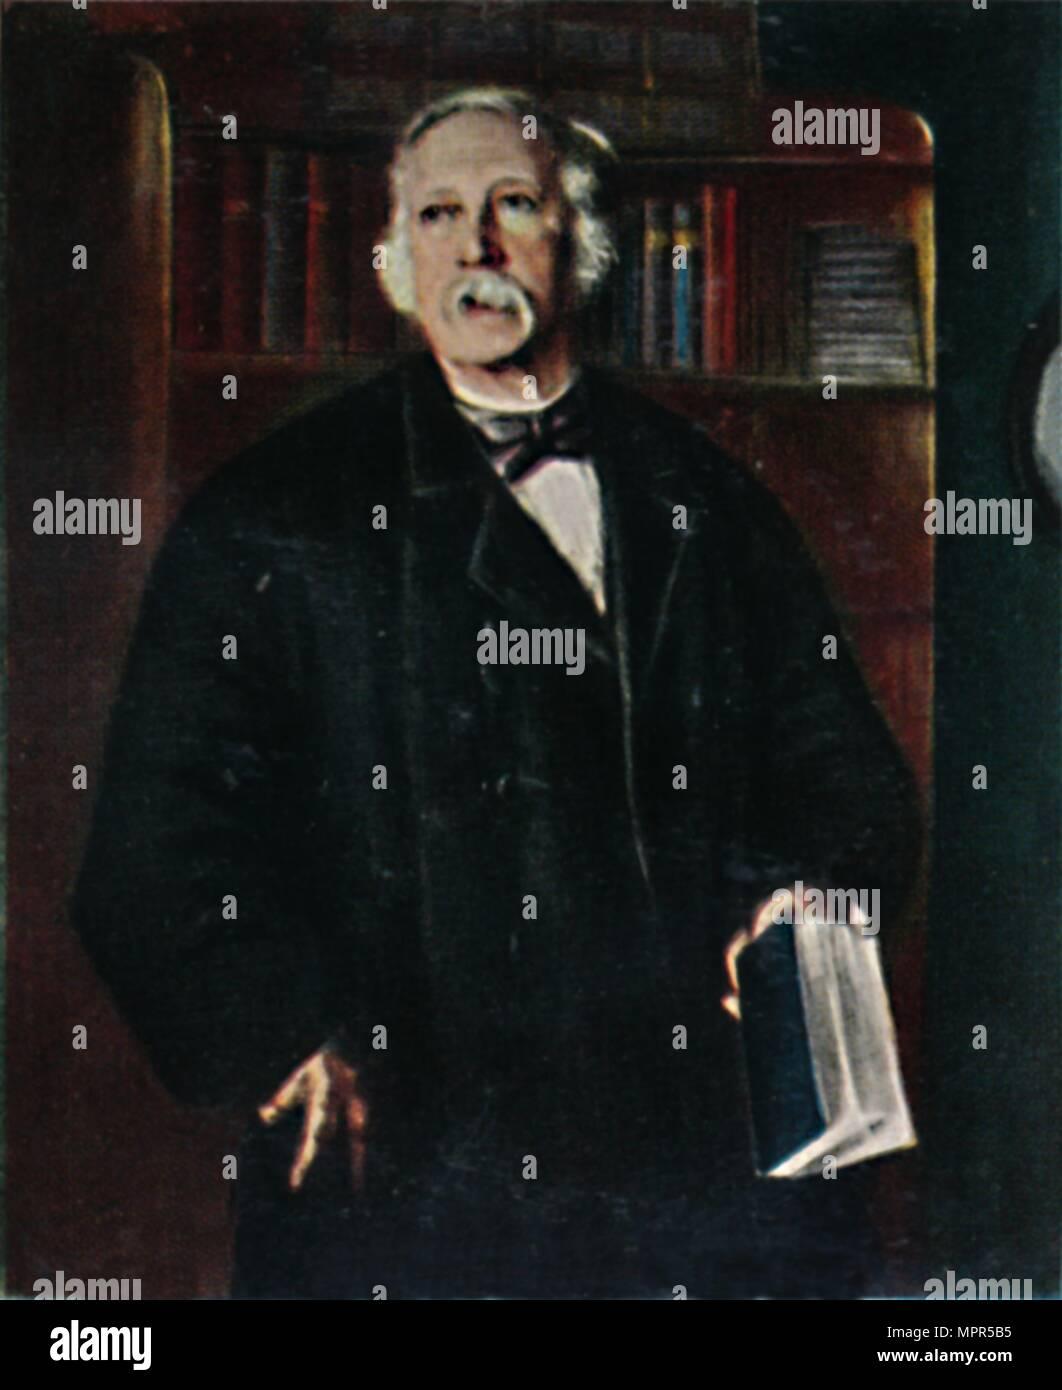 'Theodor Fontane 1819-1898. - Gemälde von Hanns Fechner', 1934. Artist: Unknown. Stock Photo